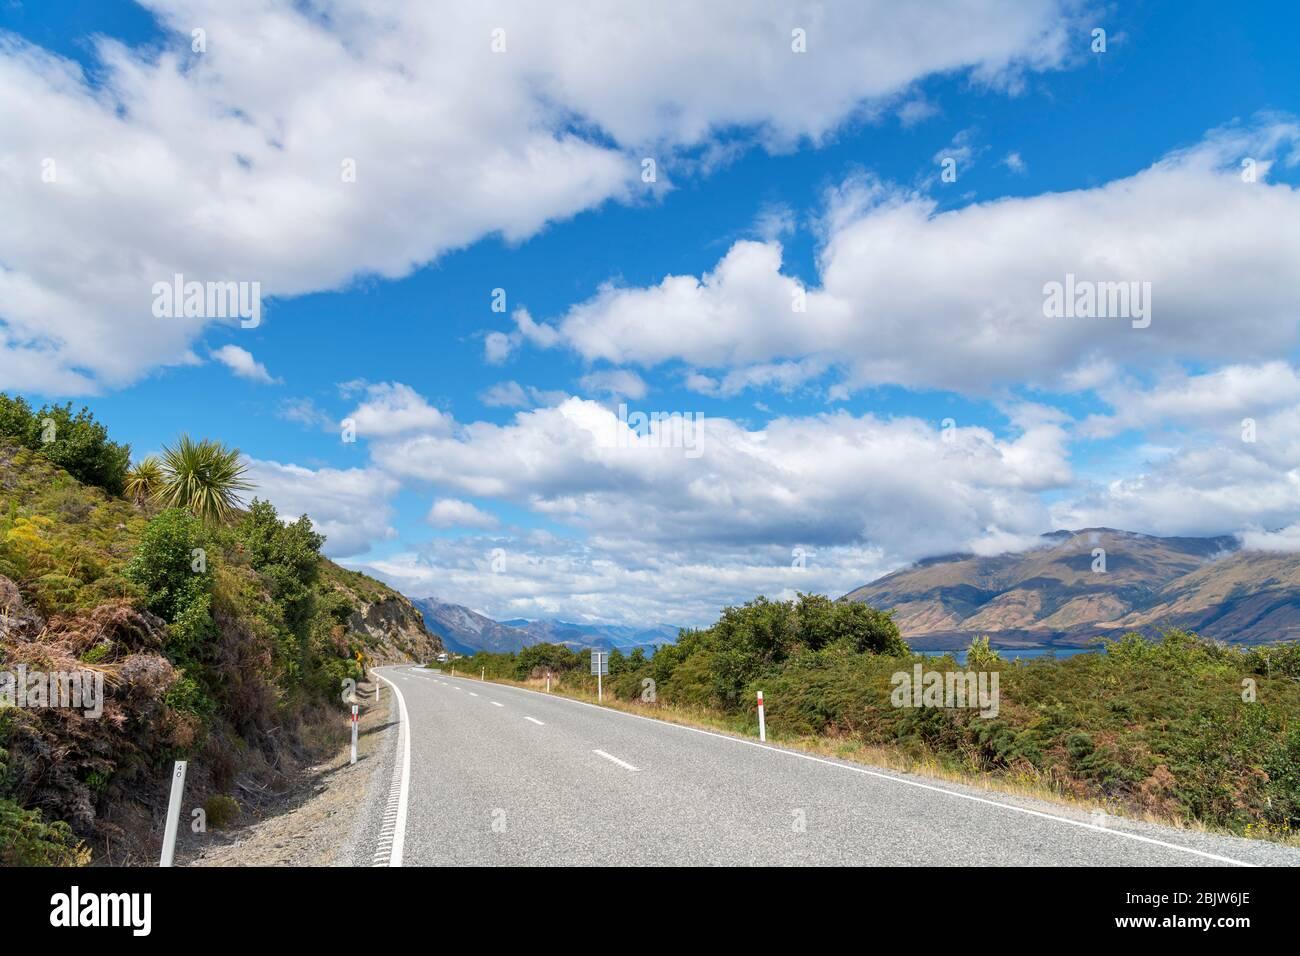 Makarora-Lago Hawea carretera junto al Lago Wanaka, Lagos del Sur, Otago, Nueva Zelanda Foto de stock